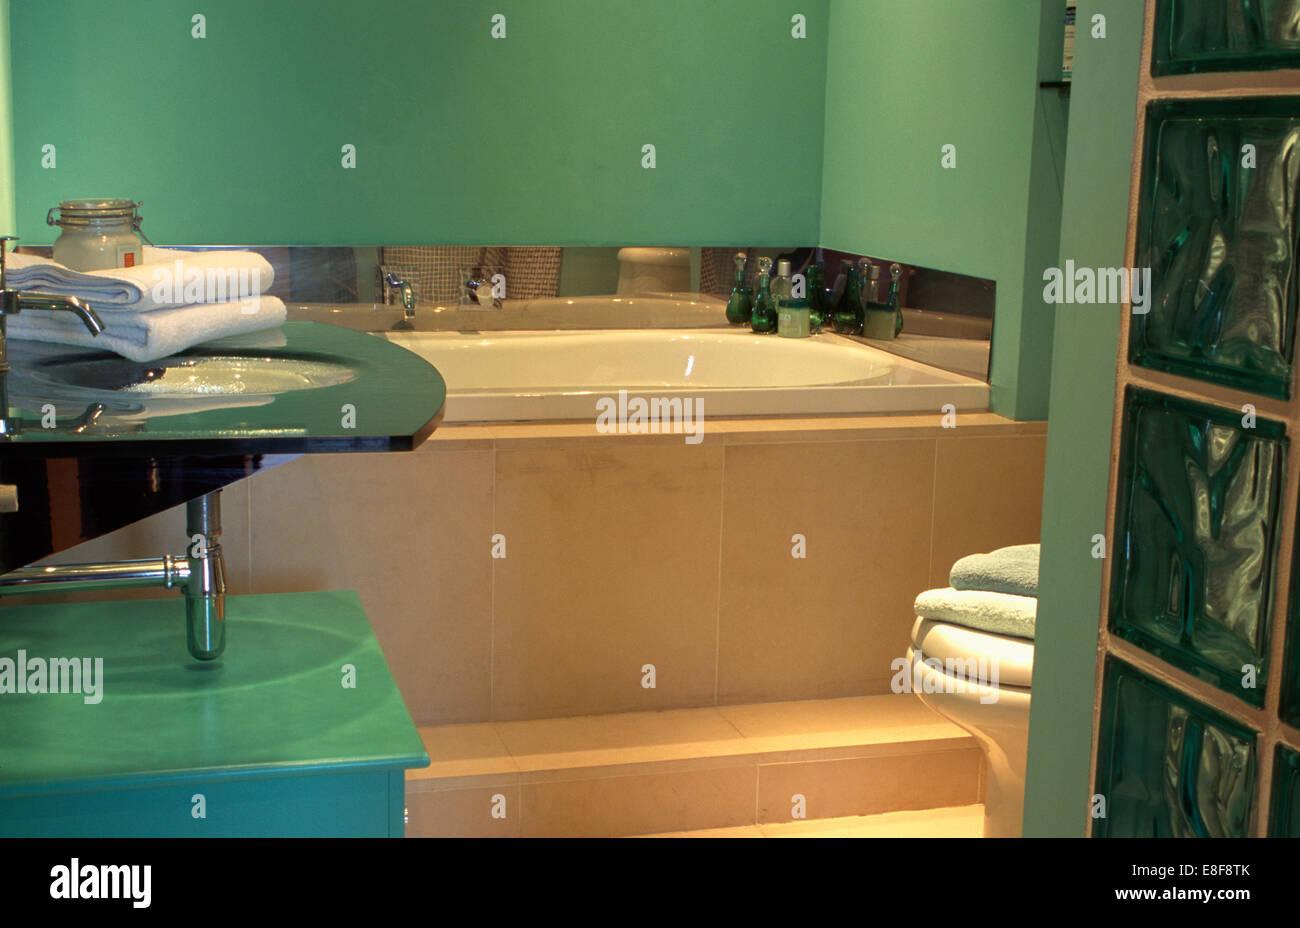 Vasca Da Bagno Con Pannelli : Asciugamani sul bacino di vetro nel verde moderno bagno con